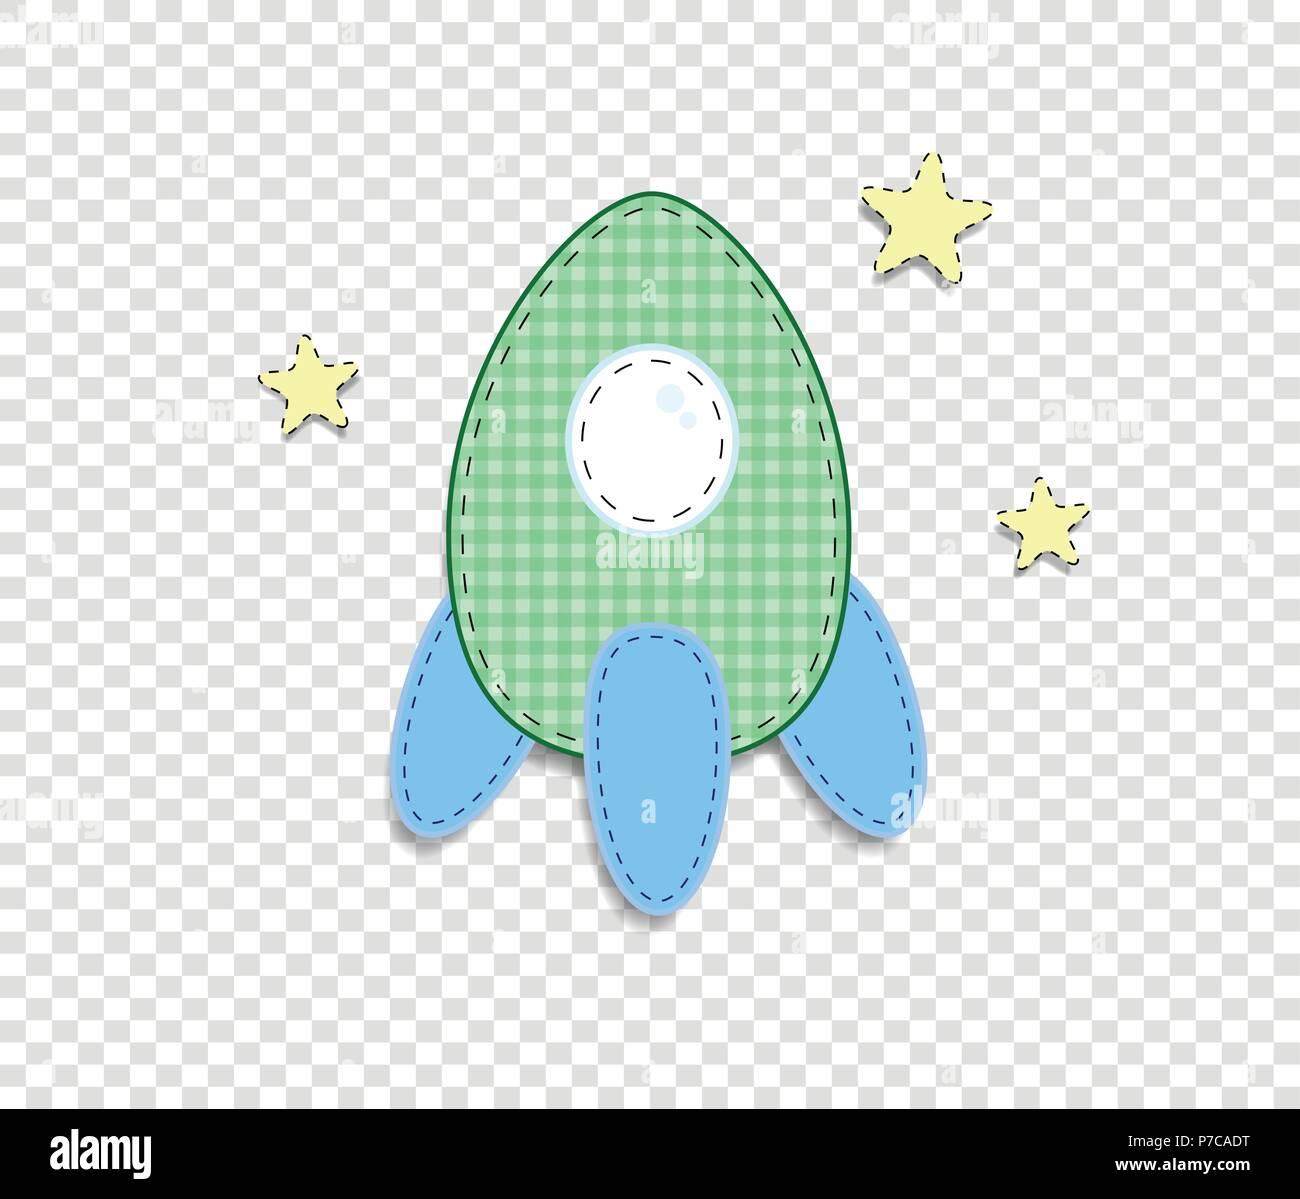 Lindo bebé niño o niña vector clip art elemento para scrapbook o baby  shower tarjetas de felicitación y childs diseño. Recorte de tela o de papel  ... 0e0a95e872b3